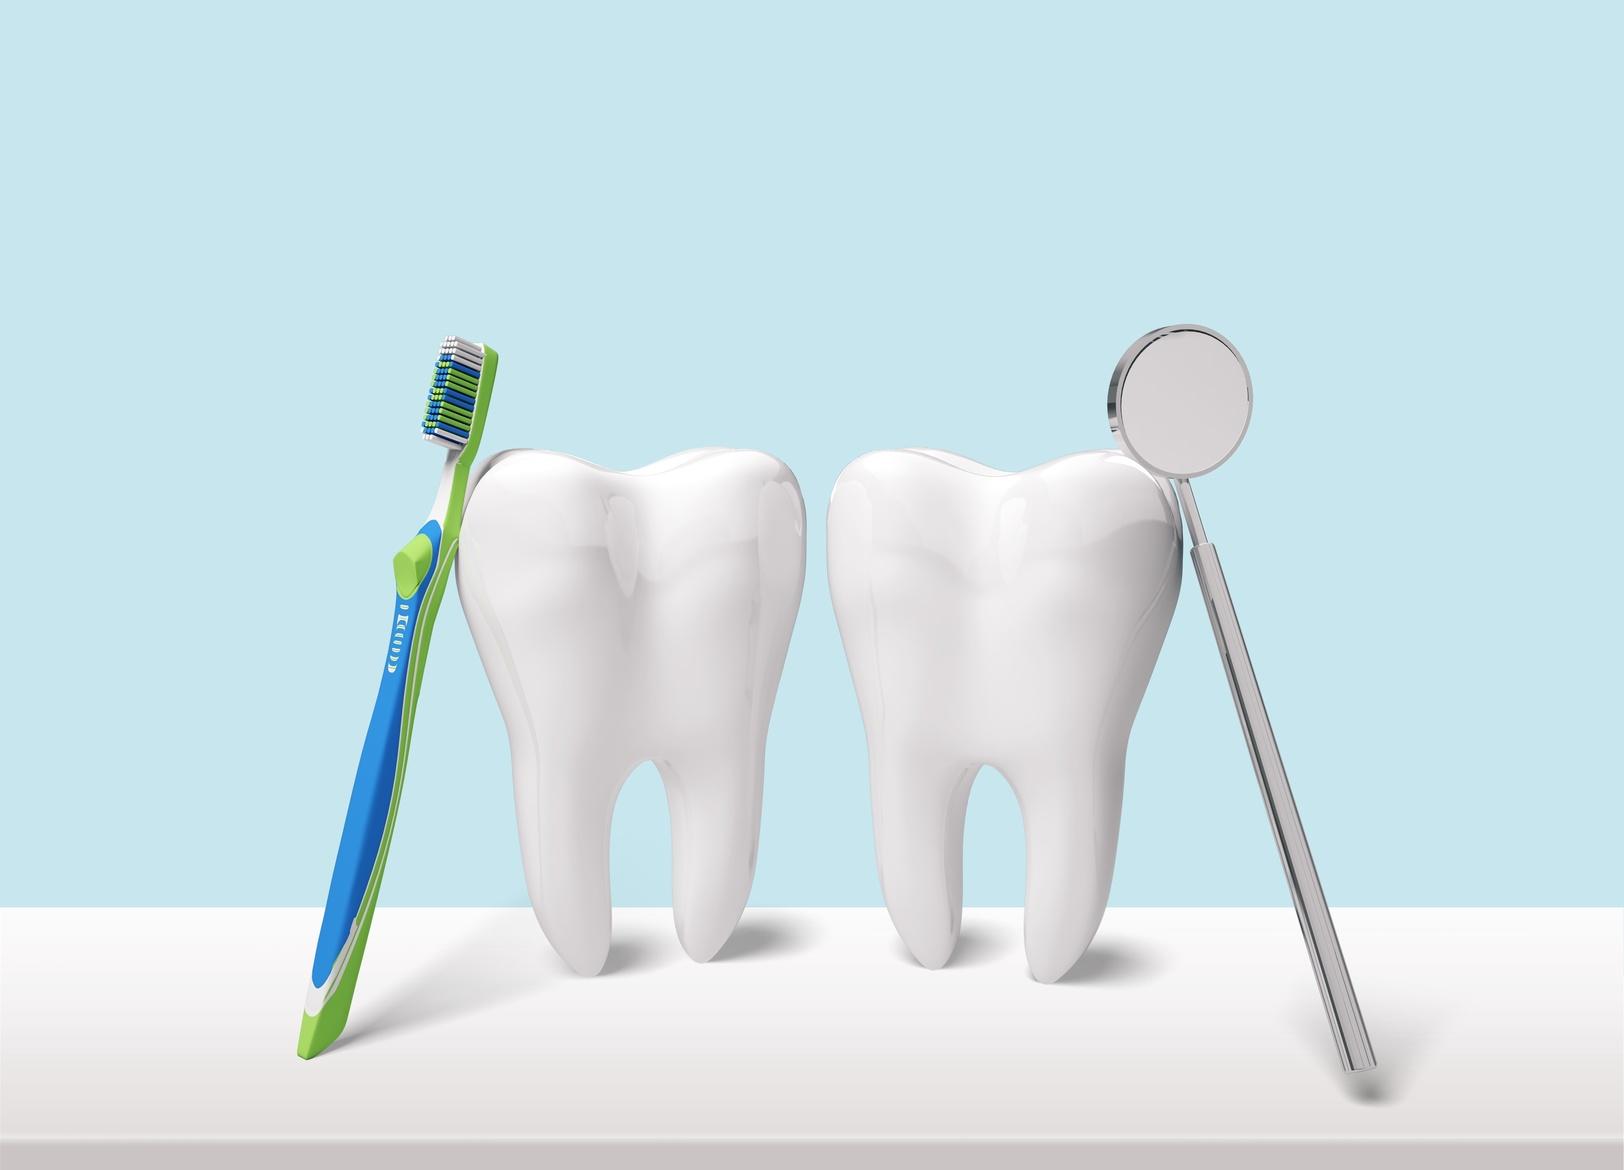 メタルボンドと硬質レジン前装冠(公的医療保険の白い歯)の違い